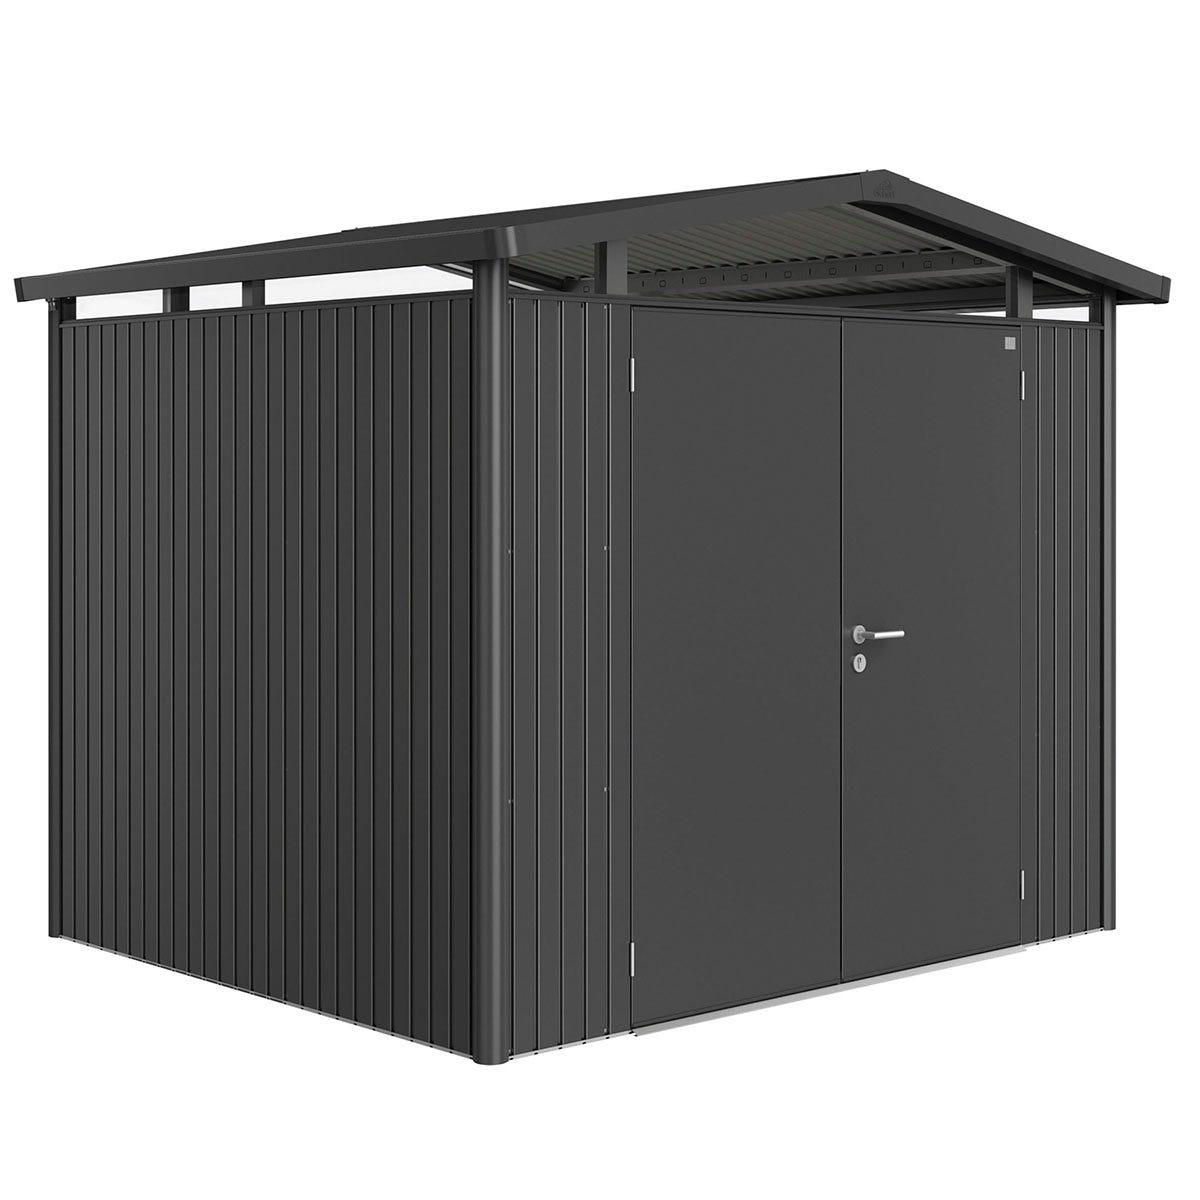 Biohort Panorama Metal Shed P3 Double Door 9' x 7' 8'' - Dark Grey